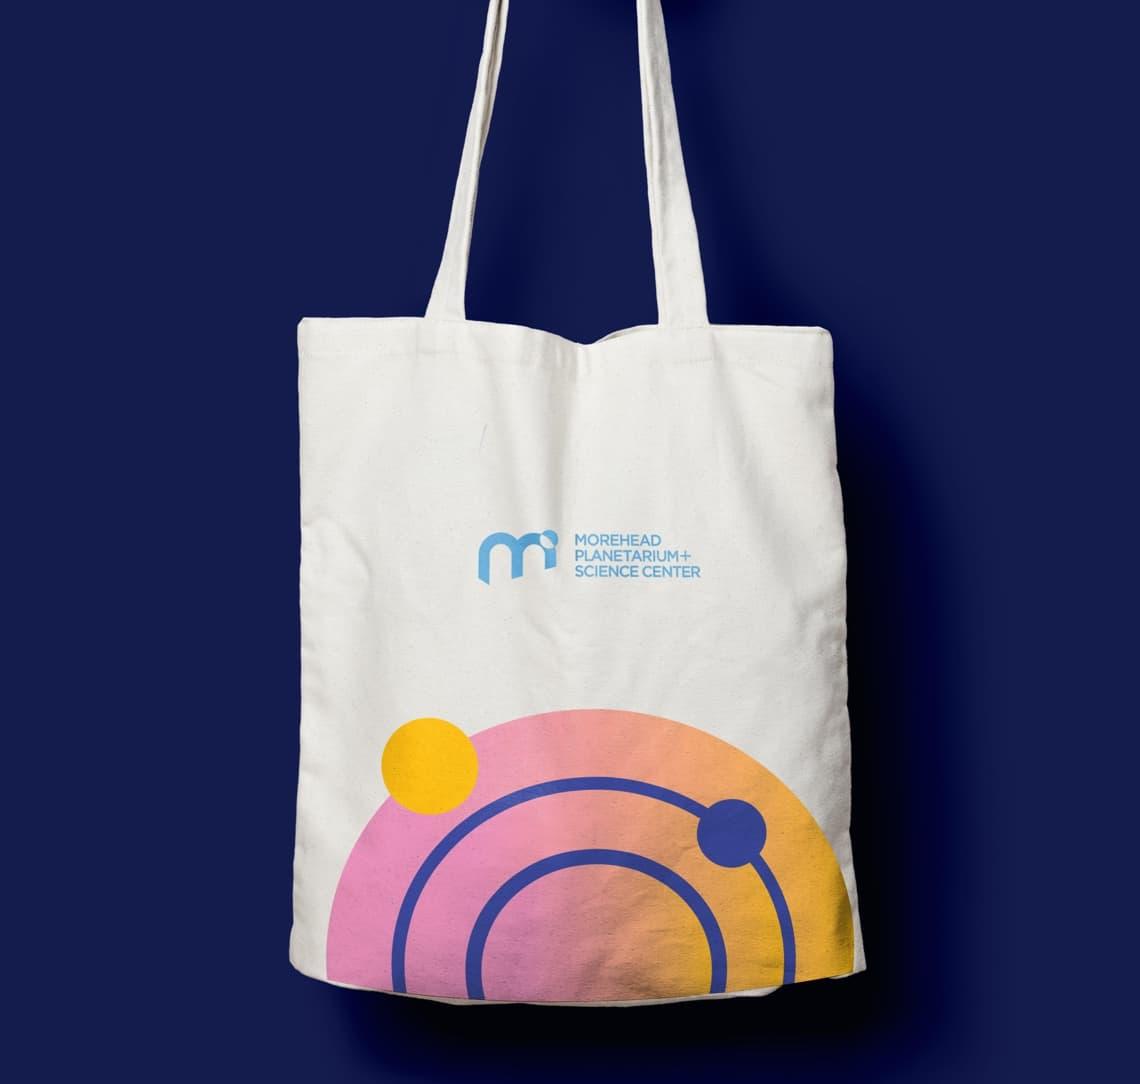 Morehead Planetarium | Rivers Agency